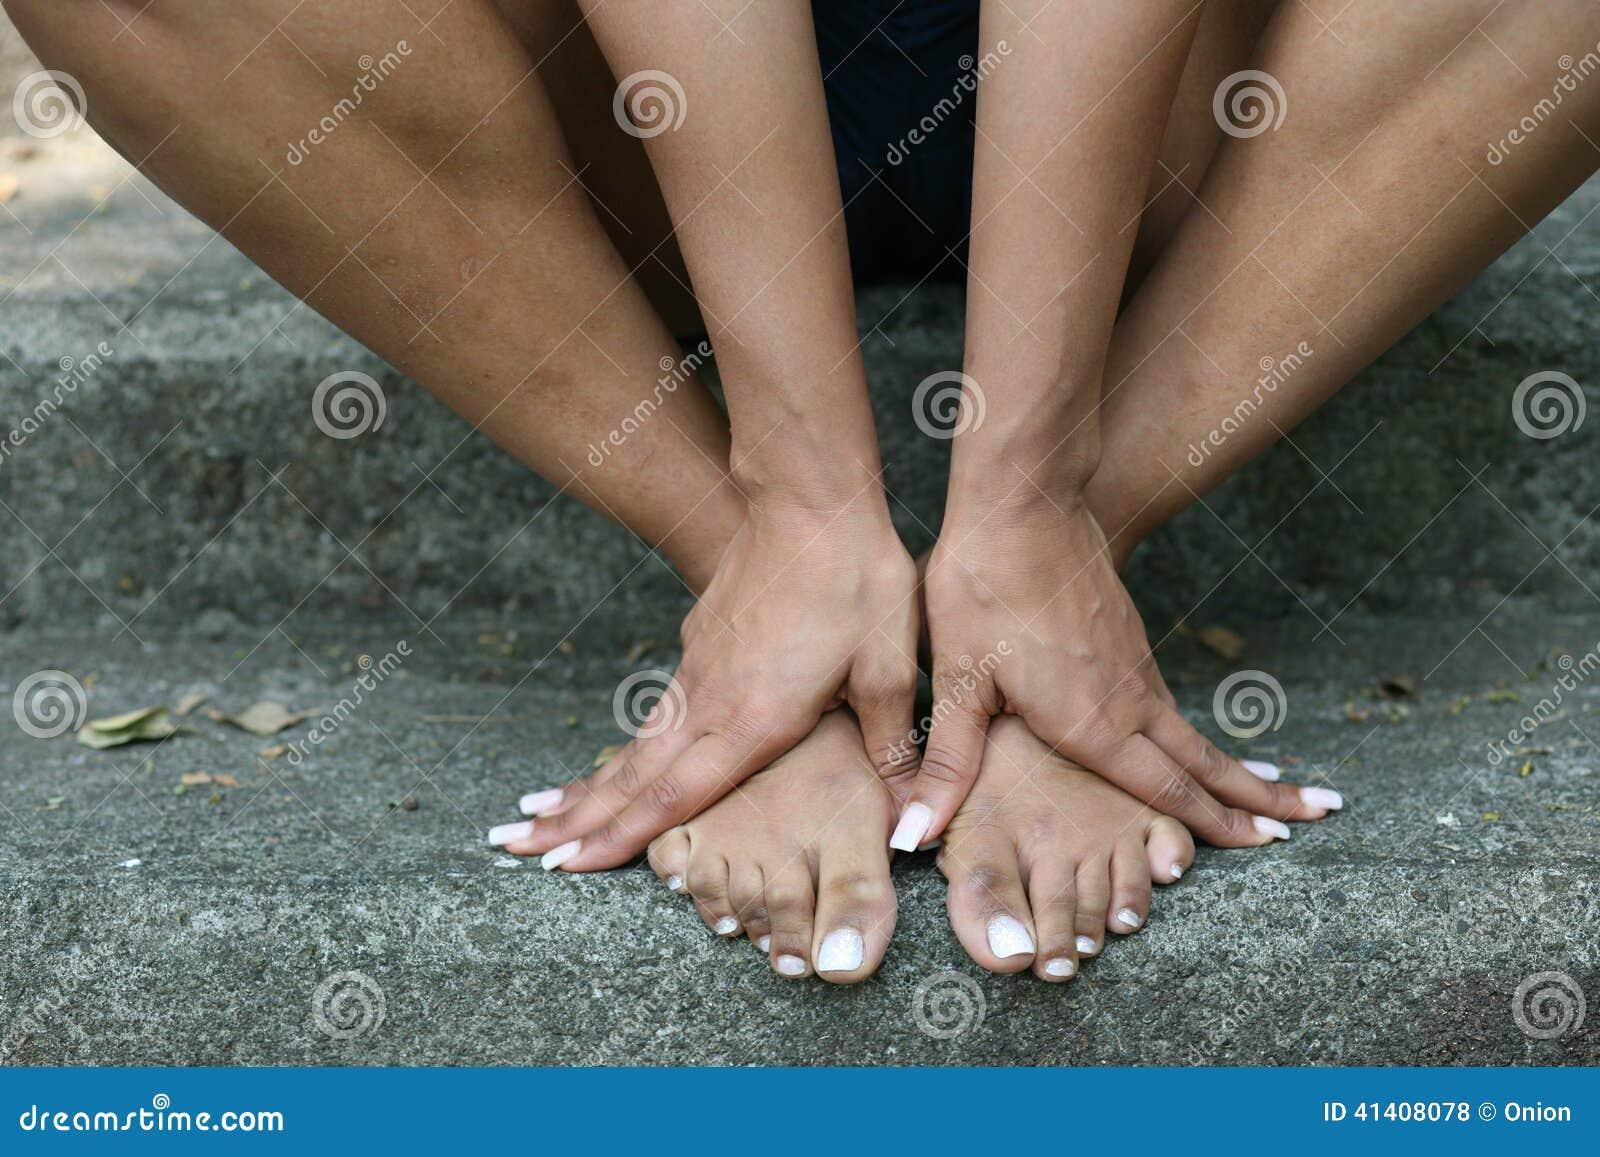 Фото босых ступней девушек 9 фотография